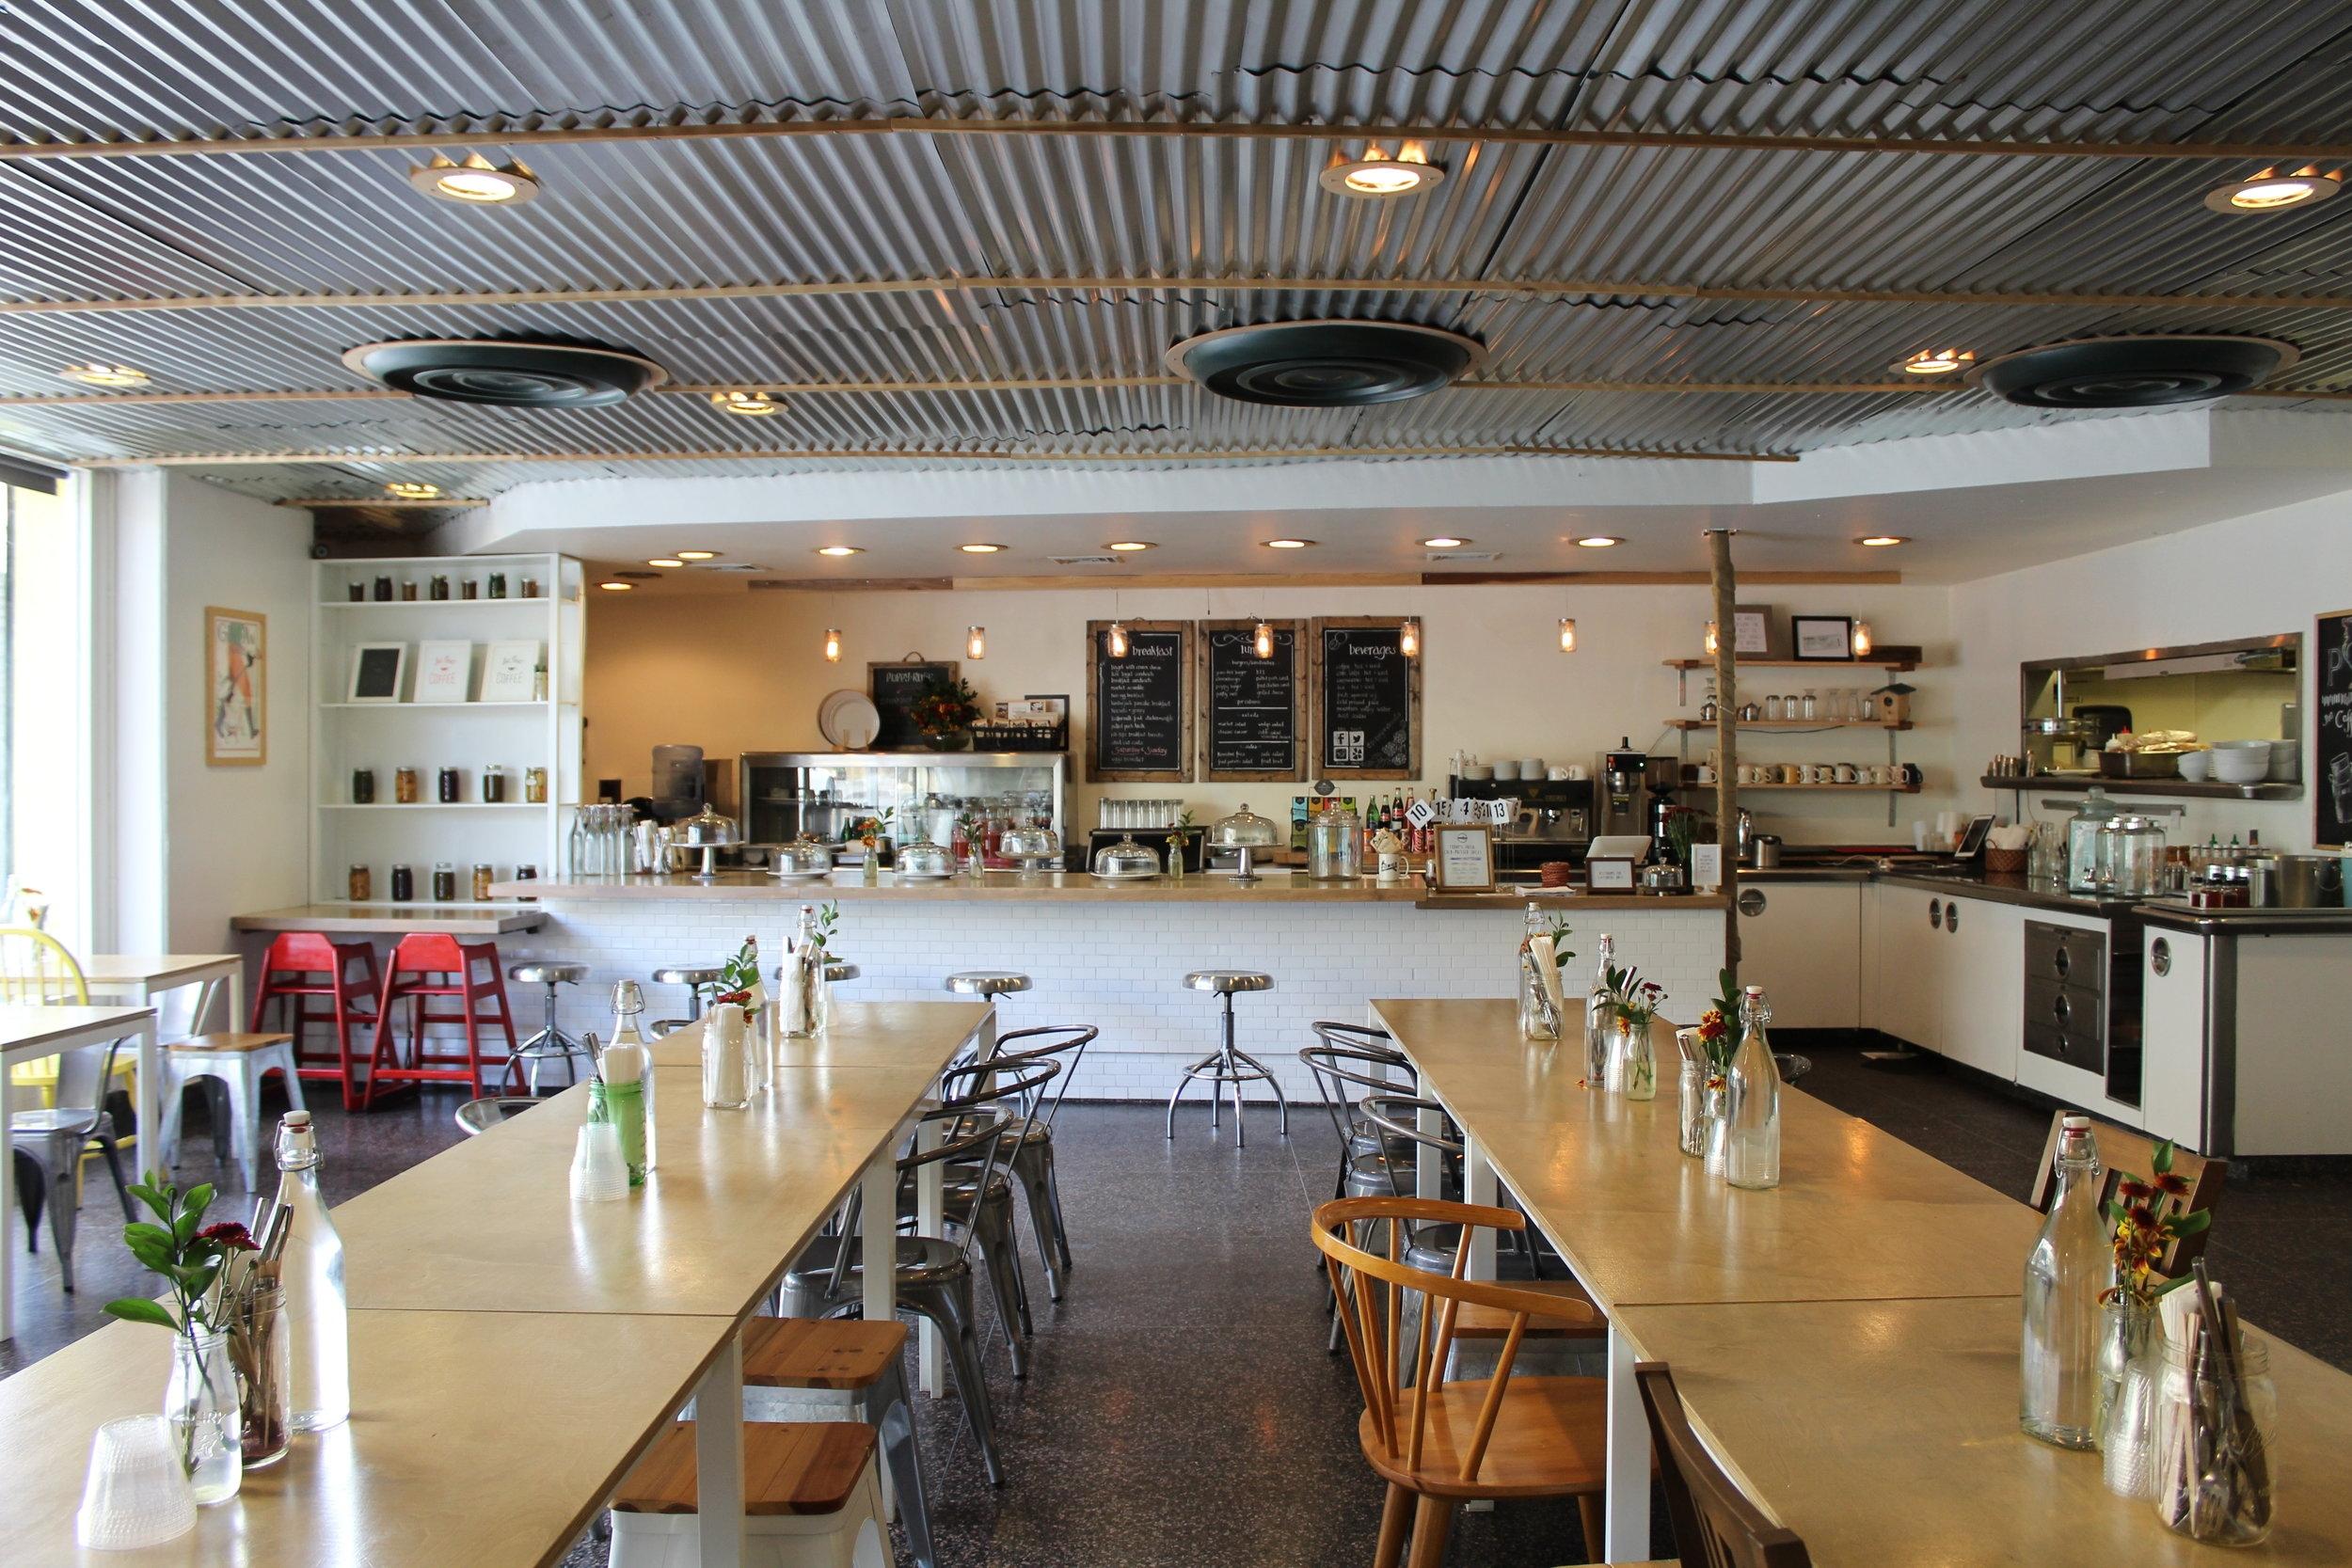 P+R Restaurant Interior